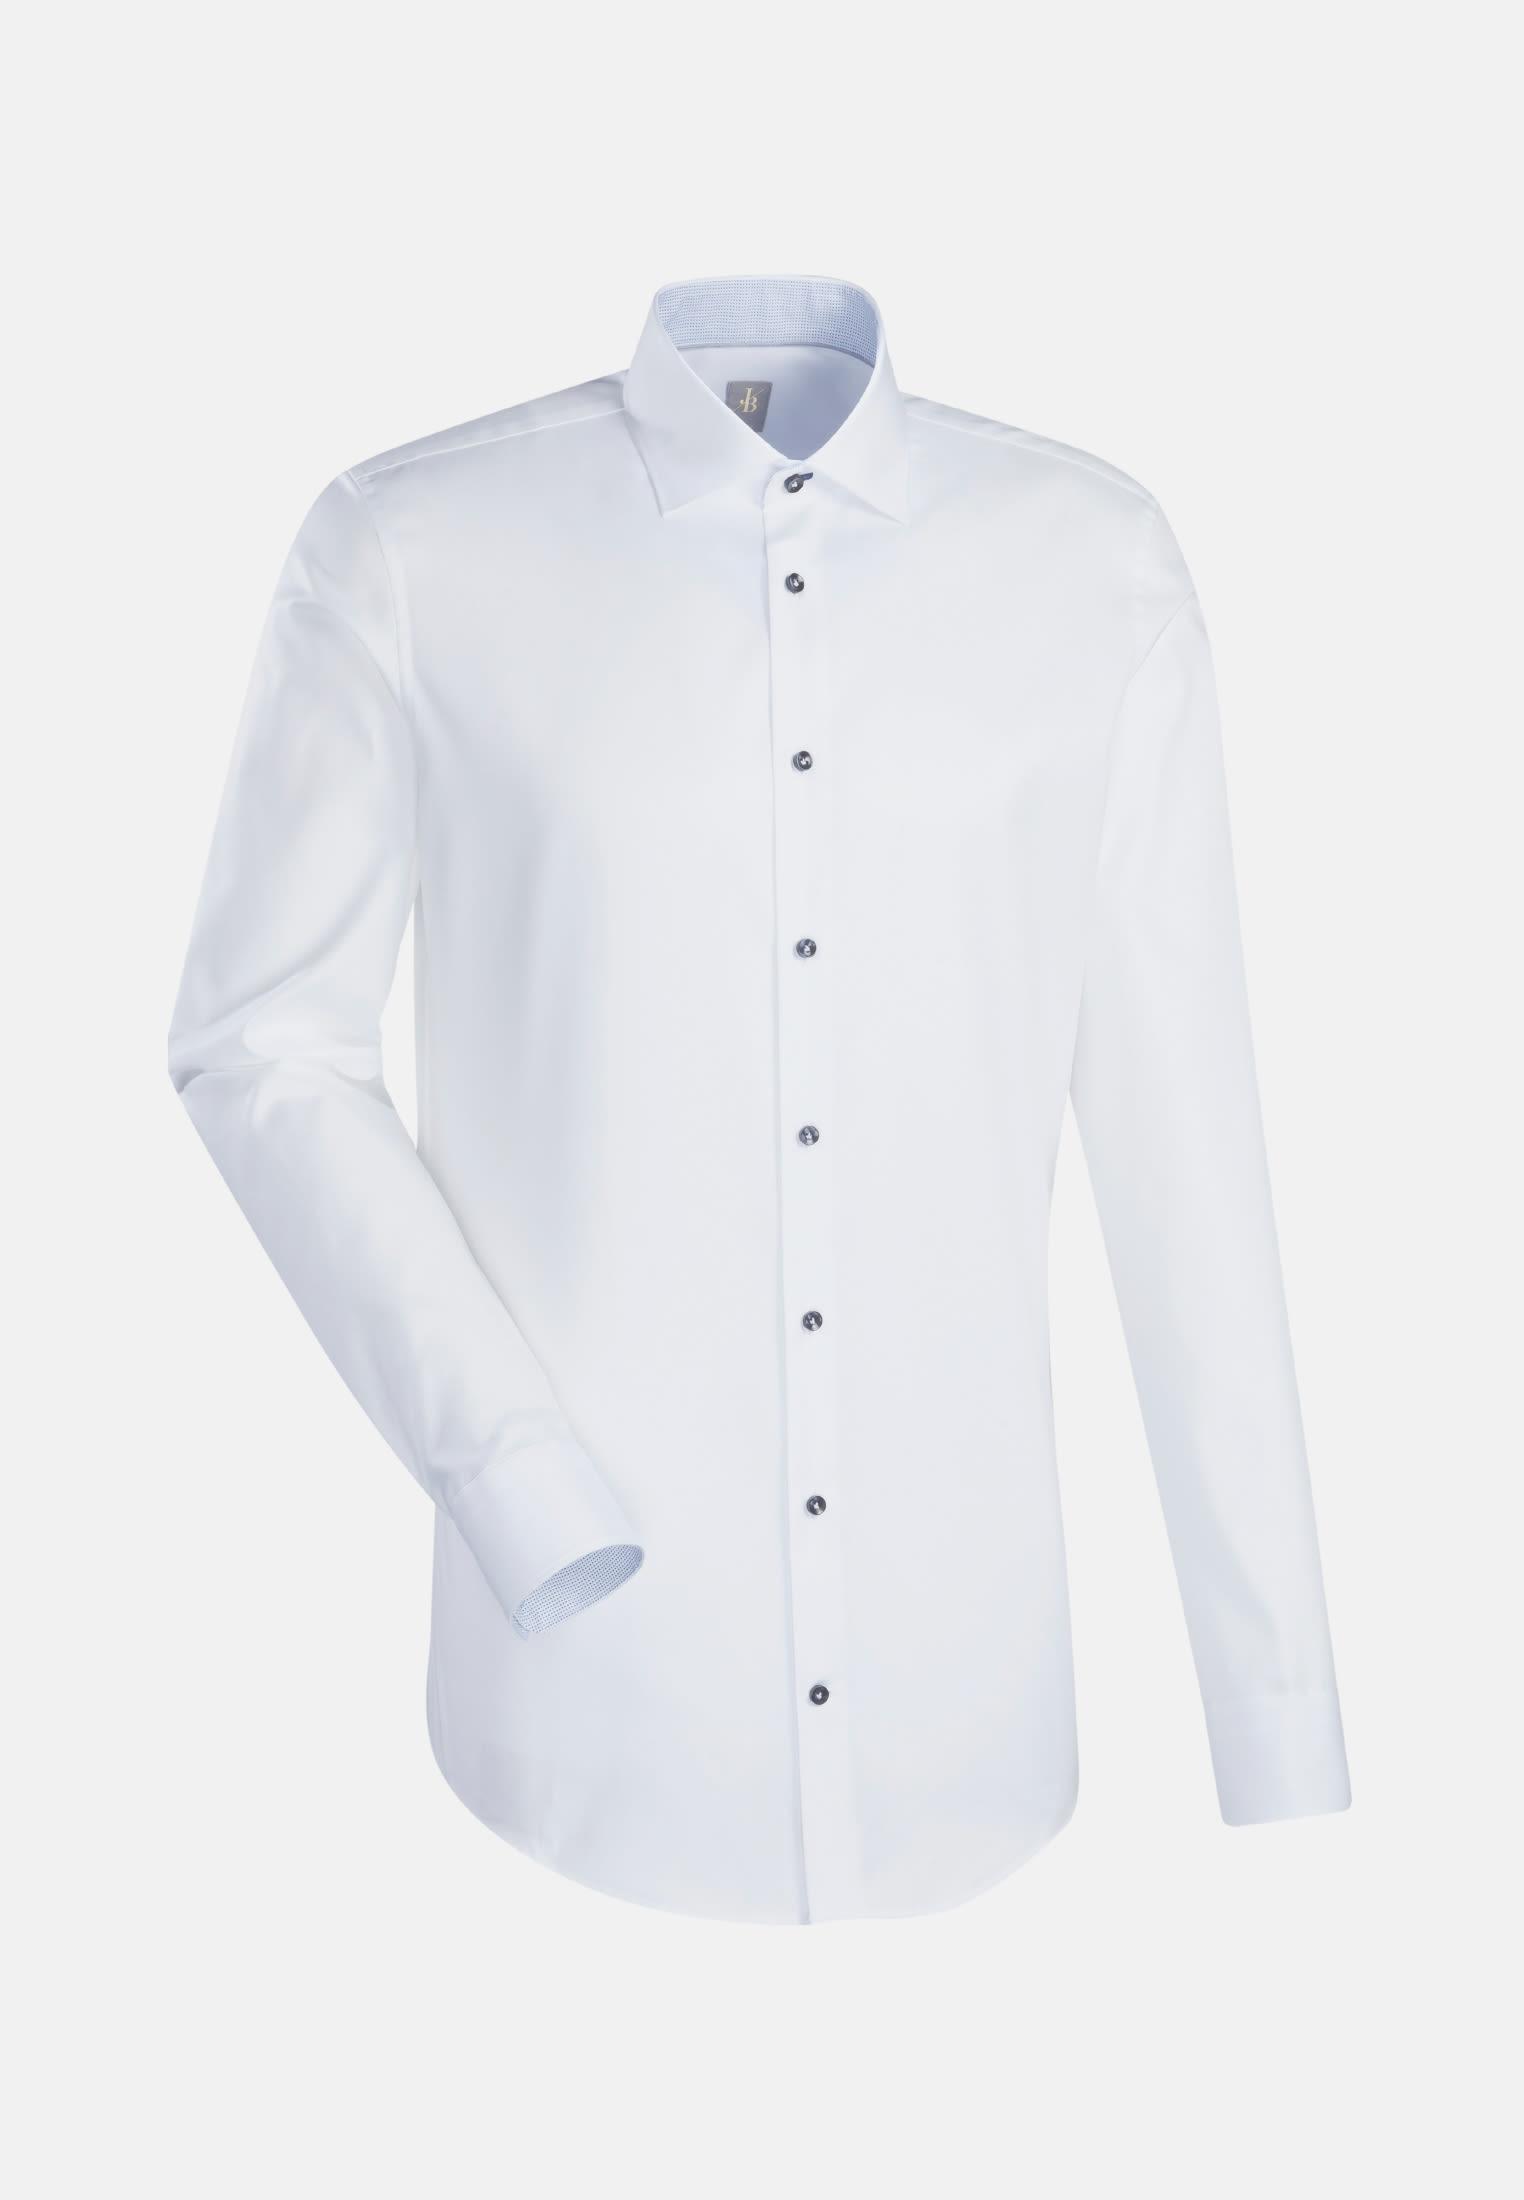 Twill Business Hemd in Slim Fit mit Kentkragen und extra langem Arm in Weiß    Jacques Britt Onlineshop